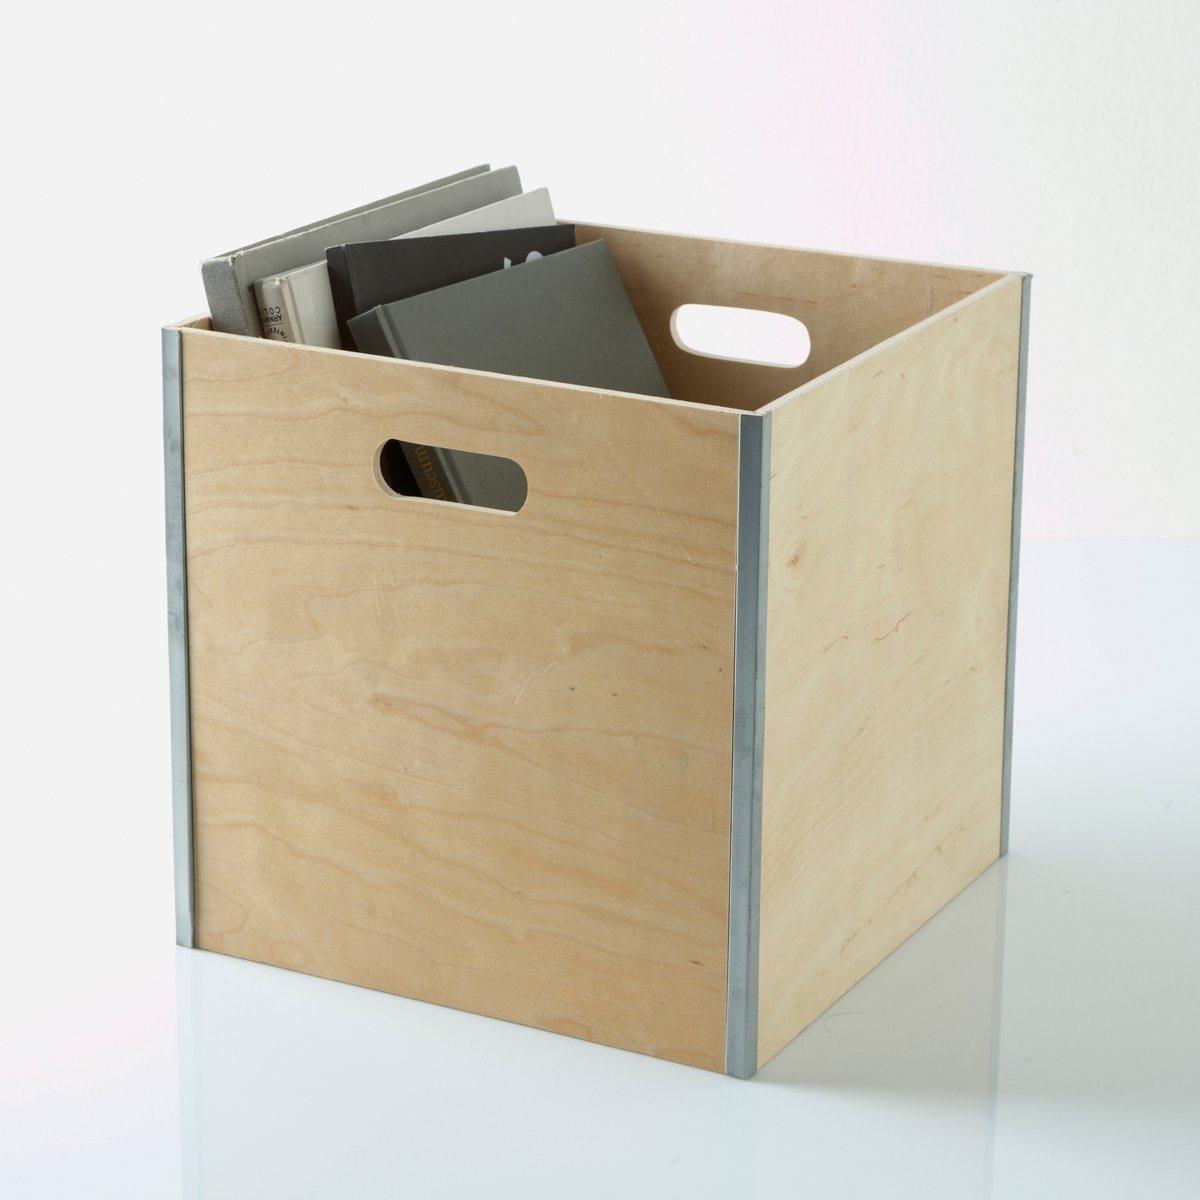 Ящик для хранения из дерева и металла.Стенки из дерева.Металлическая окантовка.Размеры ящика снаружи: 32 x 32 x 32 см.<br><br>Цвет: бежевый экрю